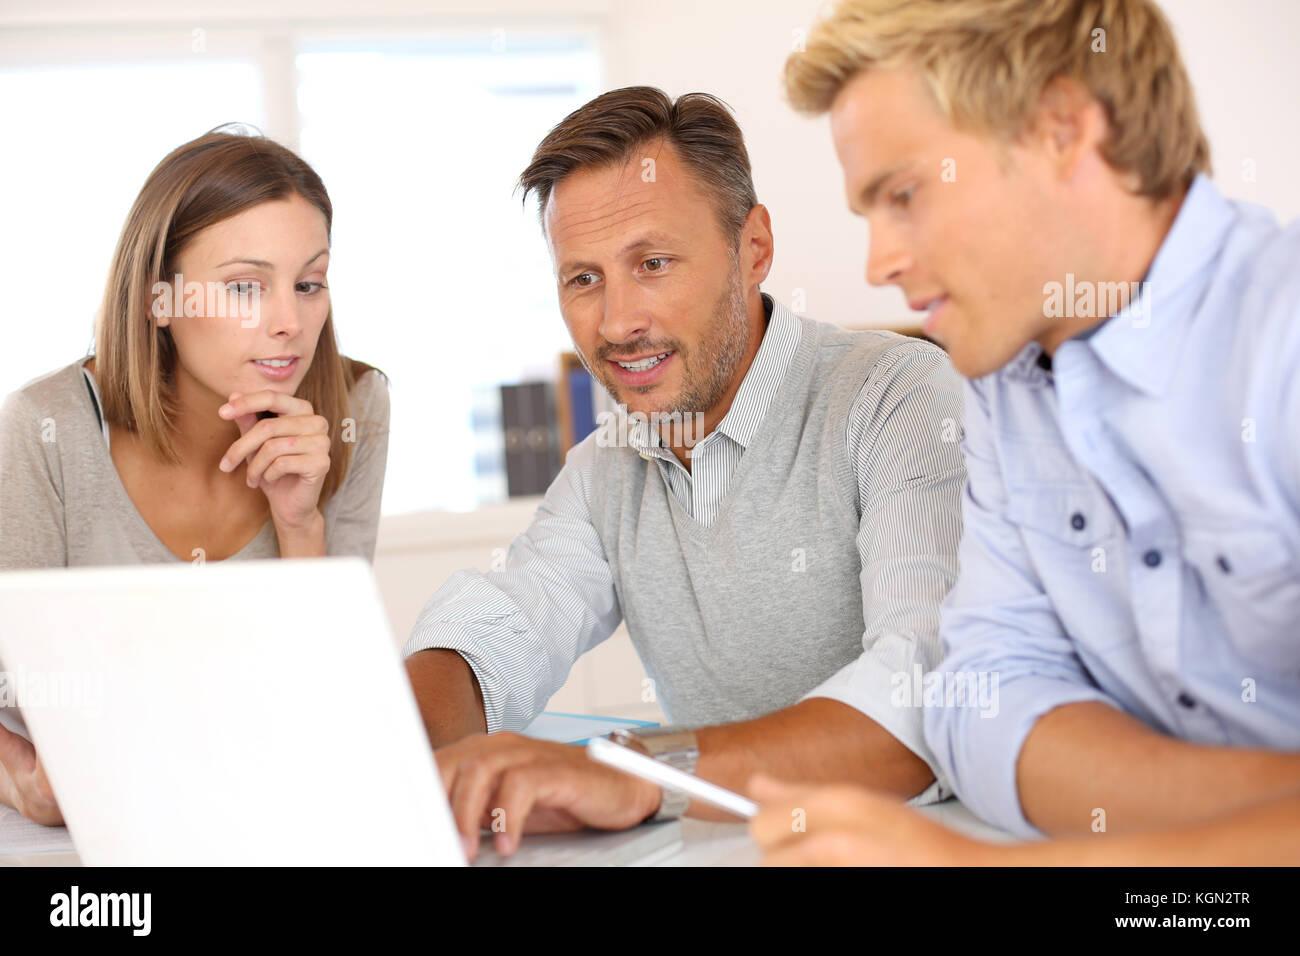 Business team di lavoro sul progetto Immagini Stock